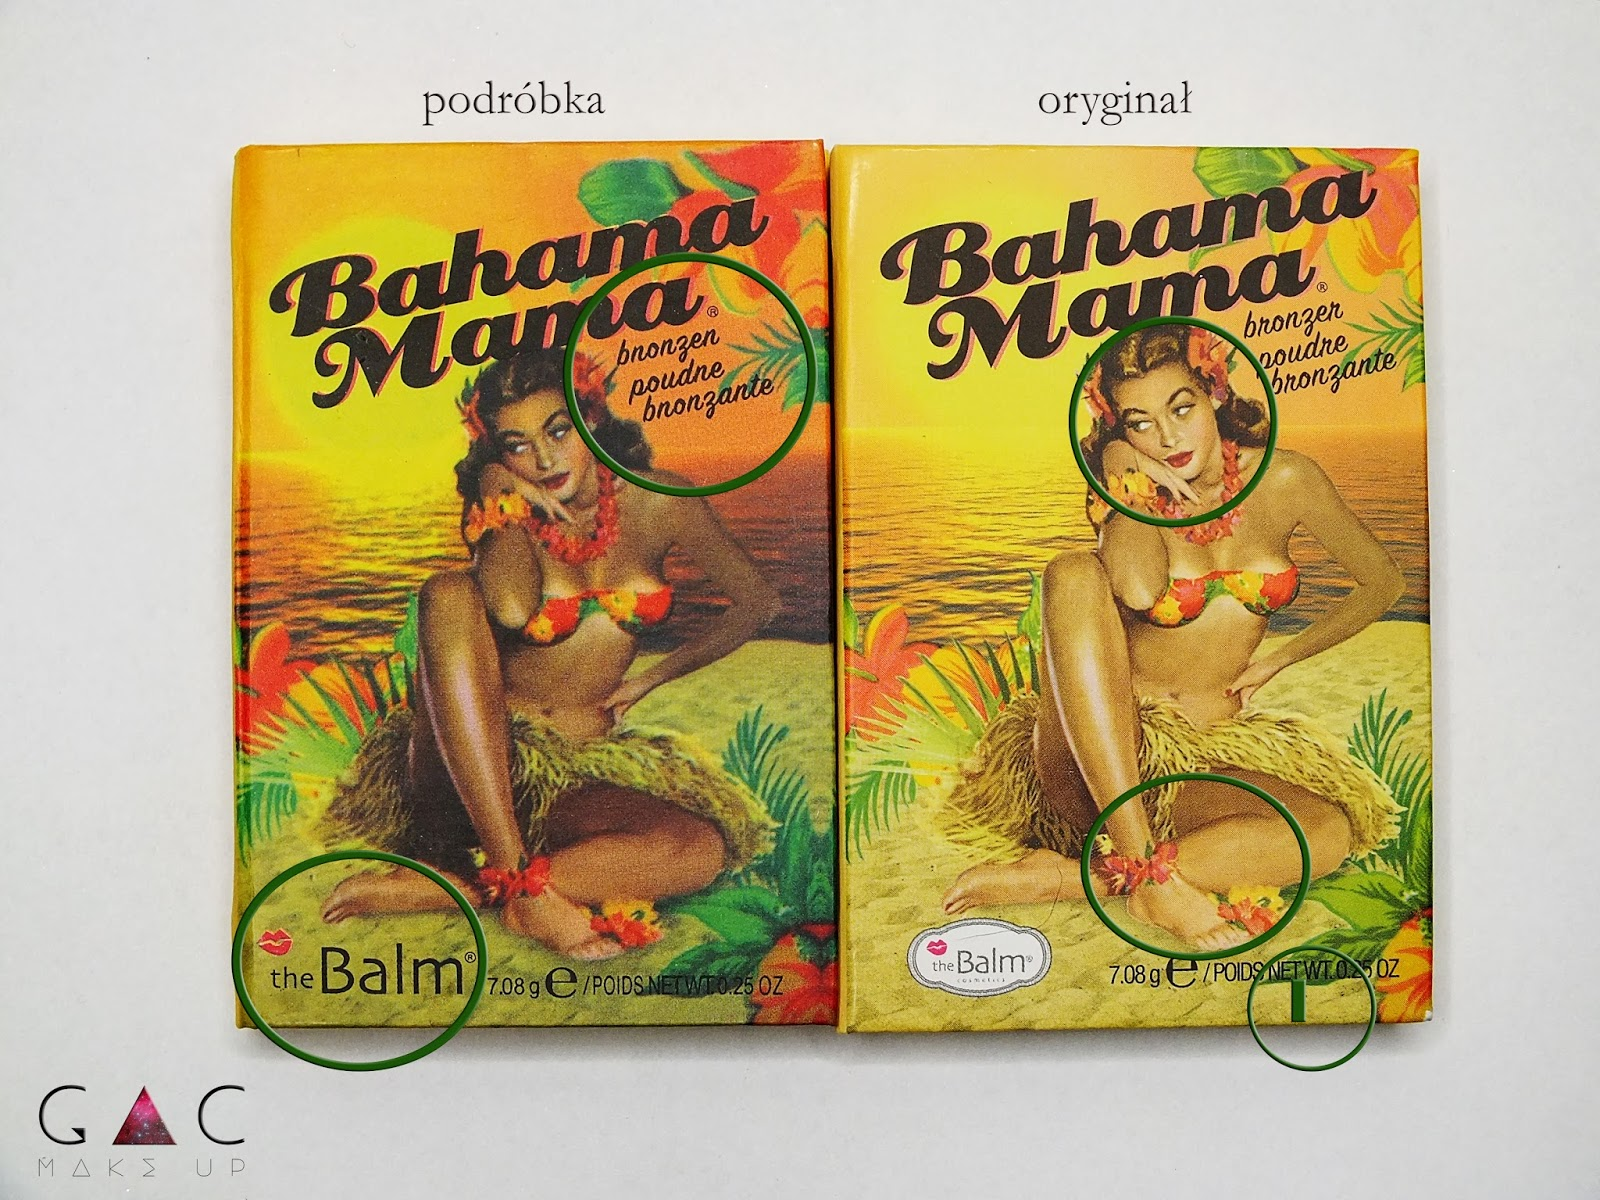 Podróbka vs Oryginał The Balm Bahama Mama. Jak odróżnić podróbkę od oryginału? Porównanie The Balm Bahama Mama. #thebalm #bahamamama